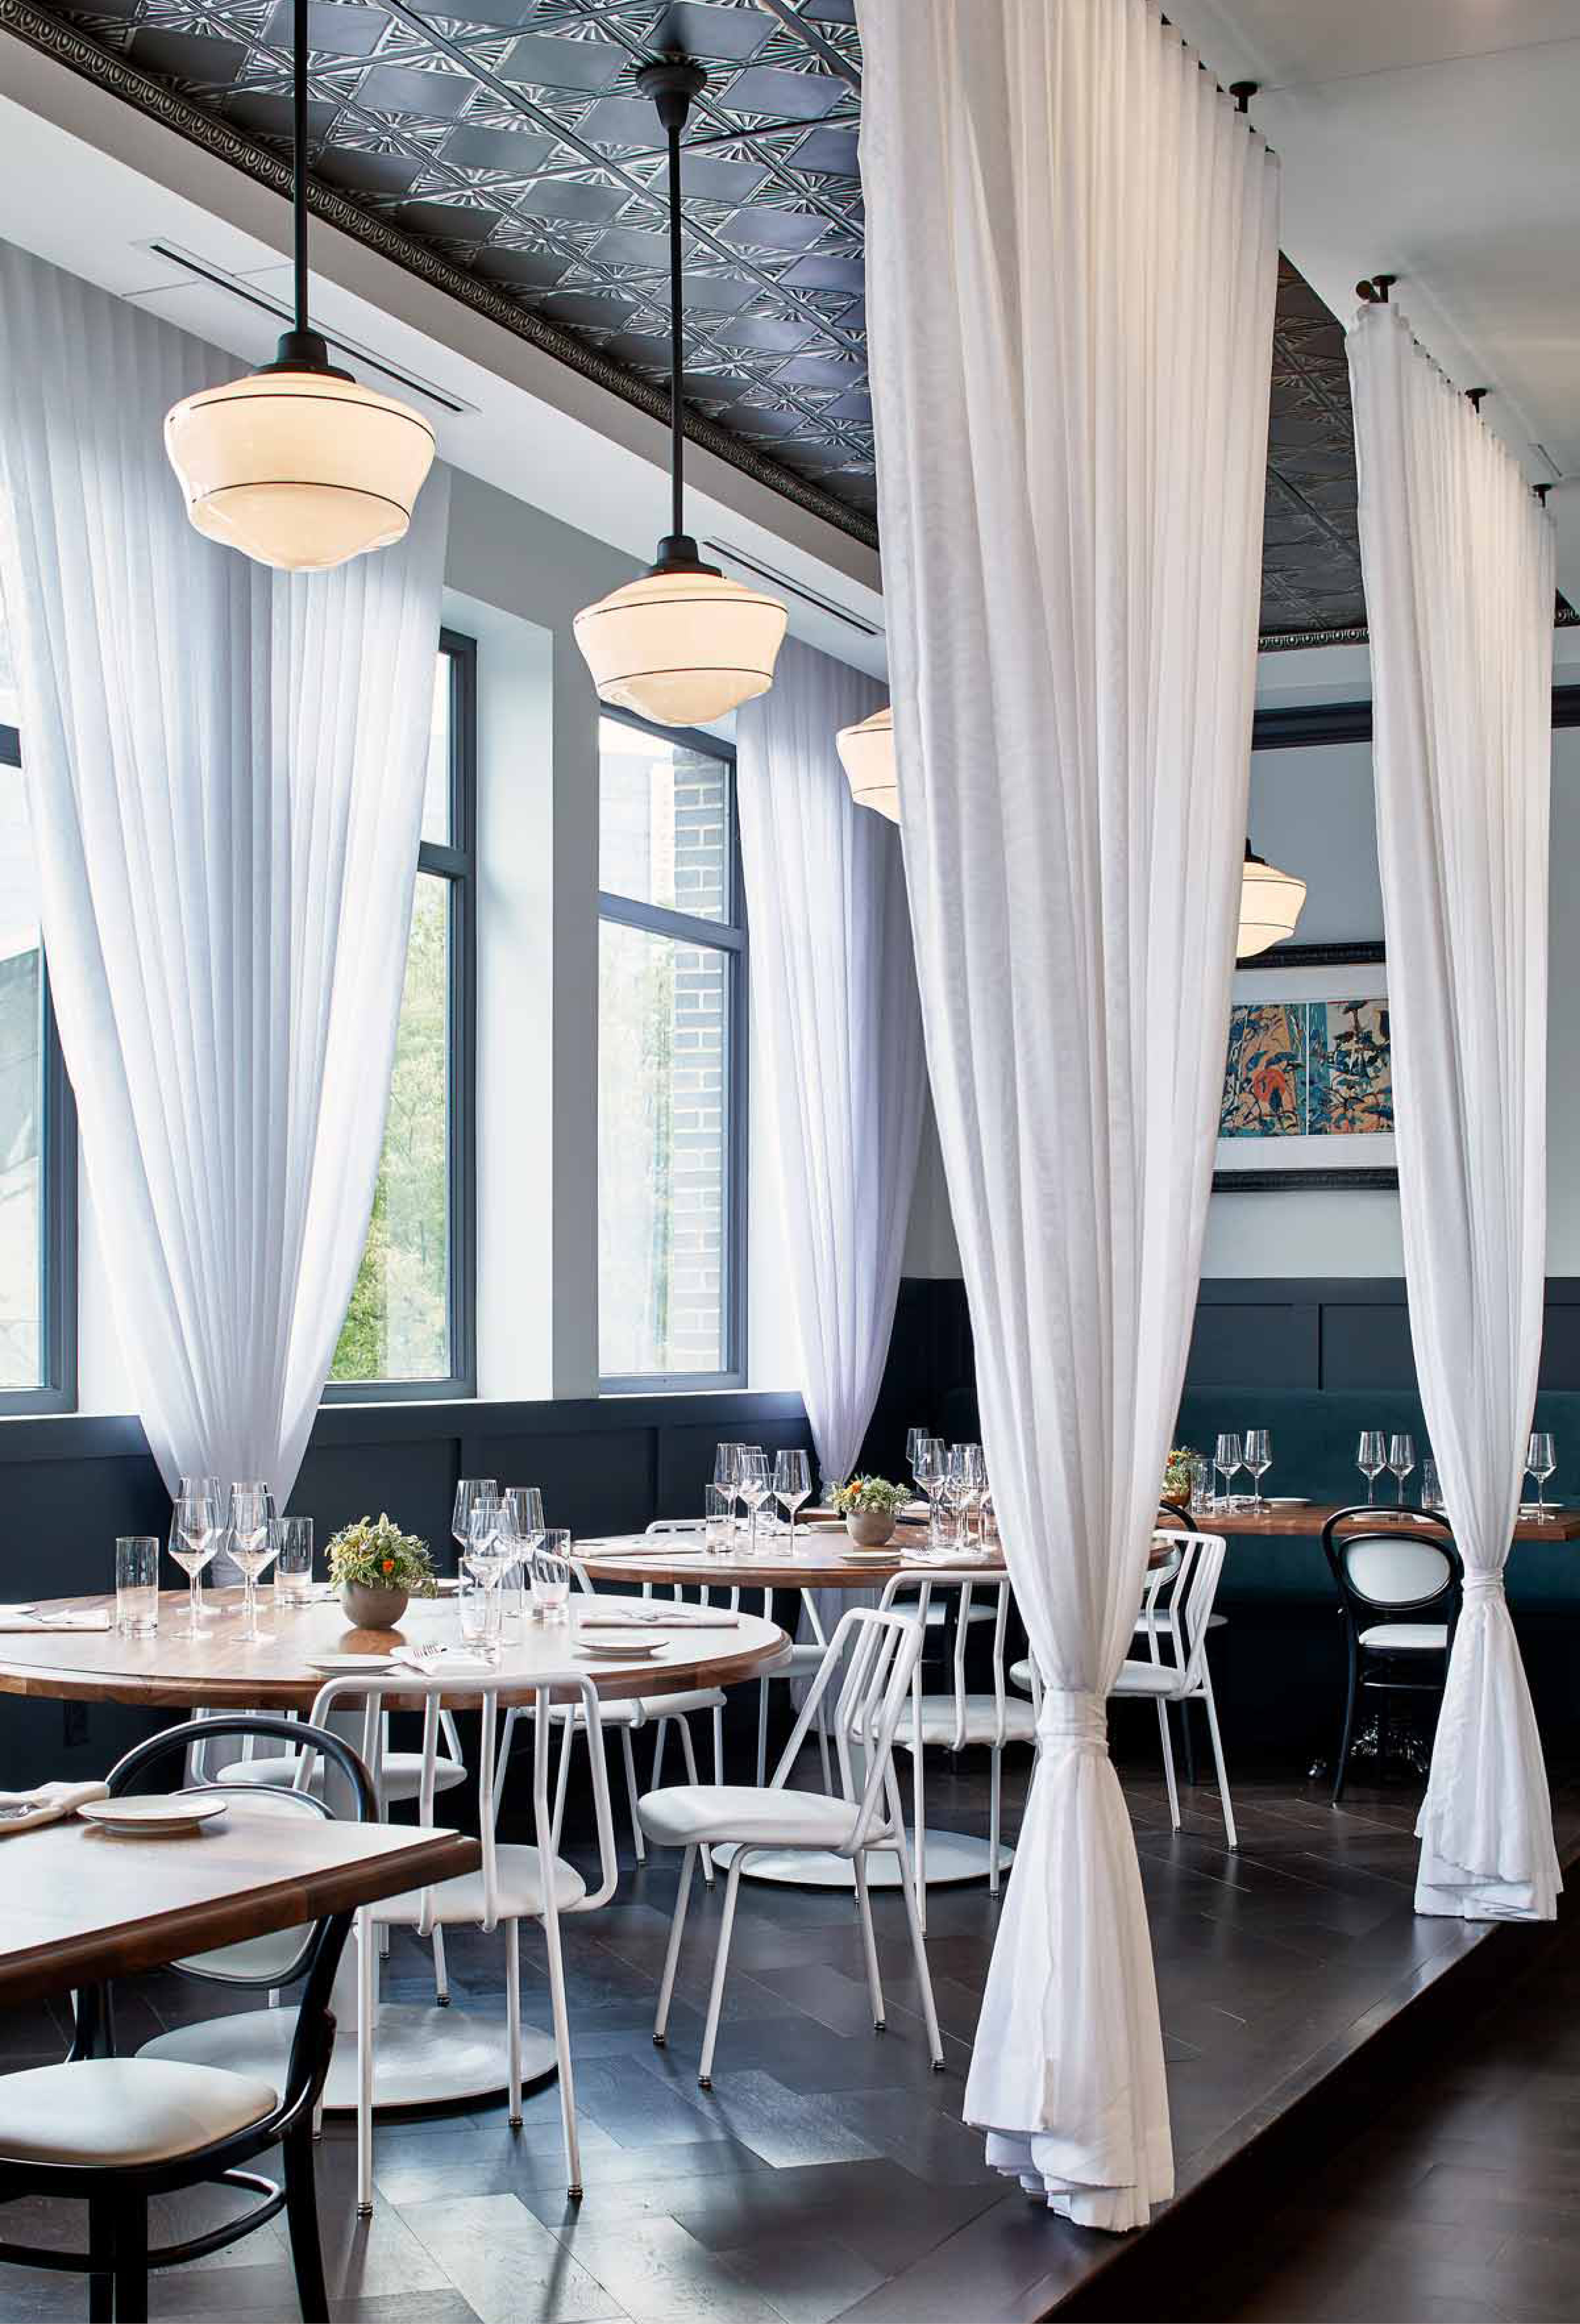 Leo Chair in Whitebird restaurant design